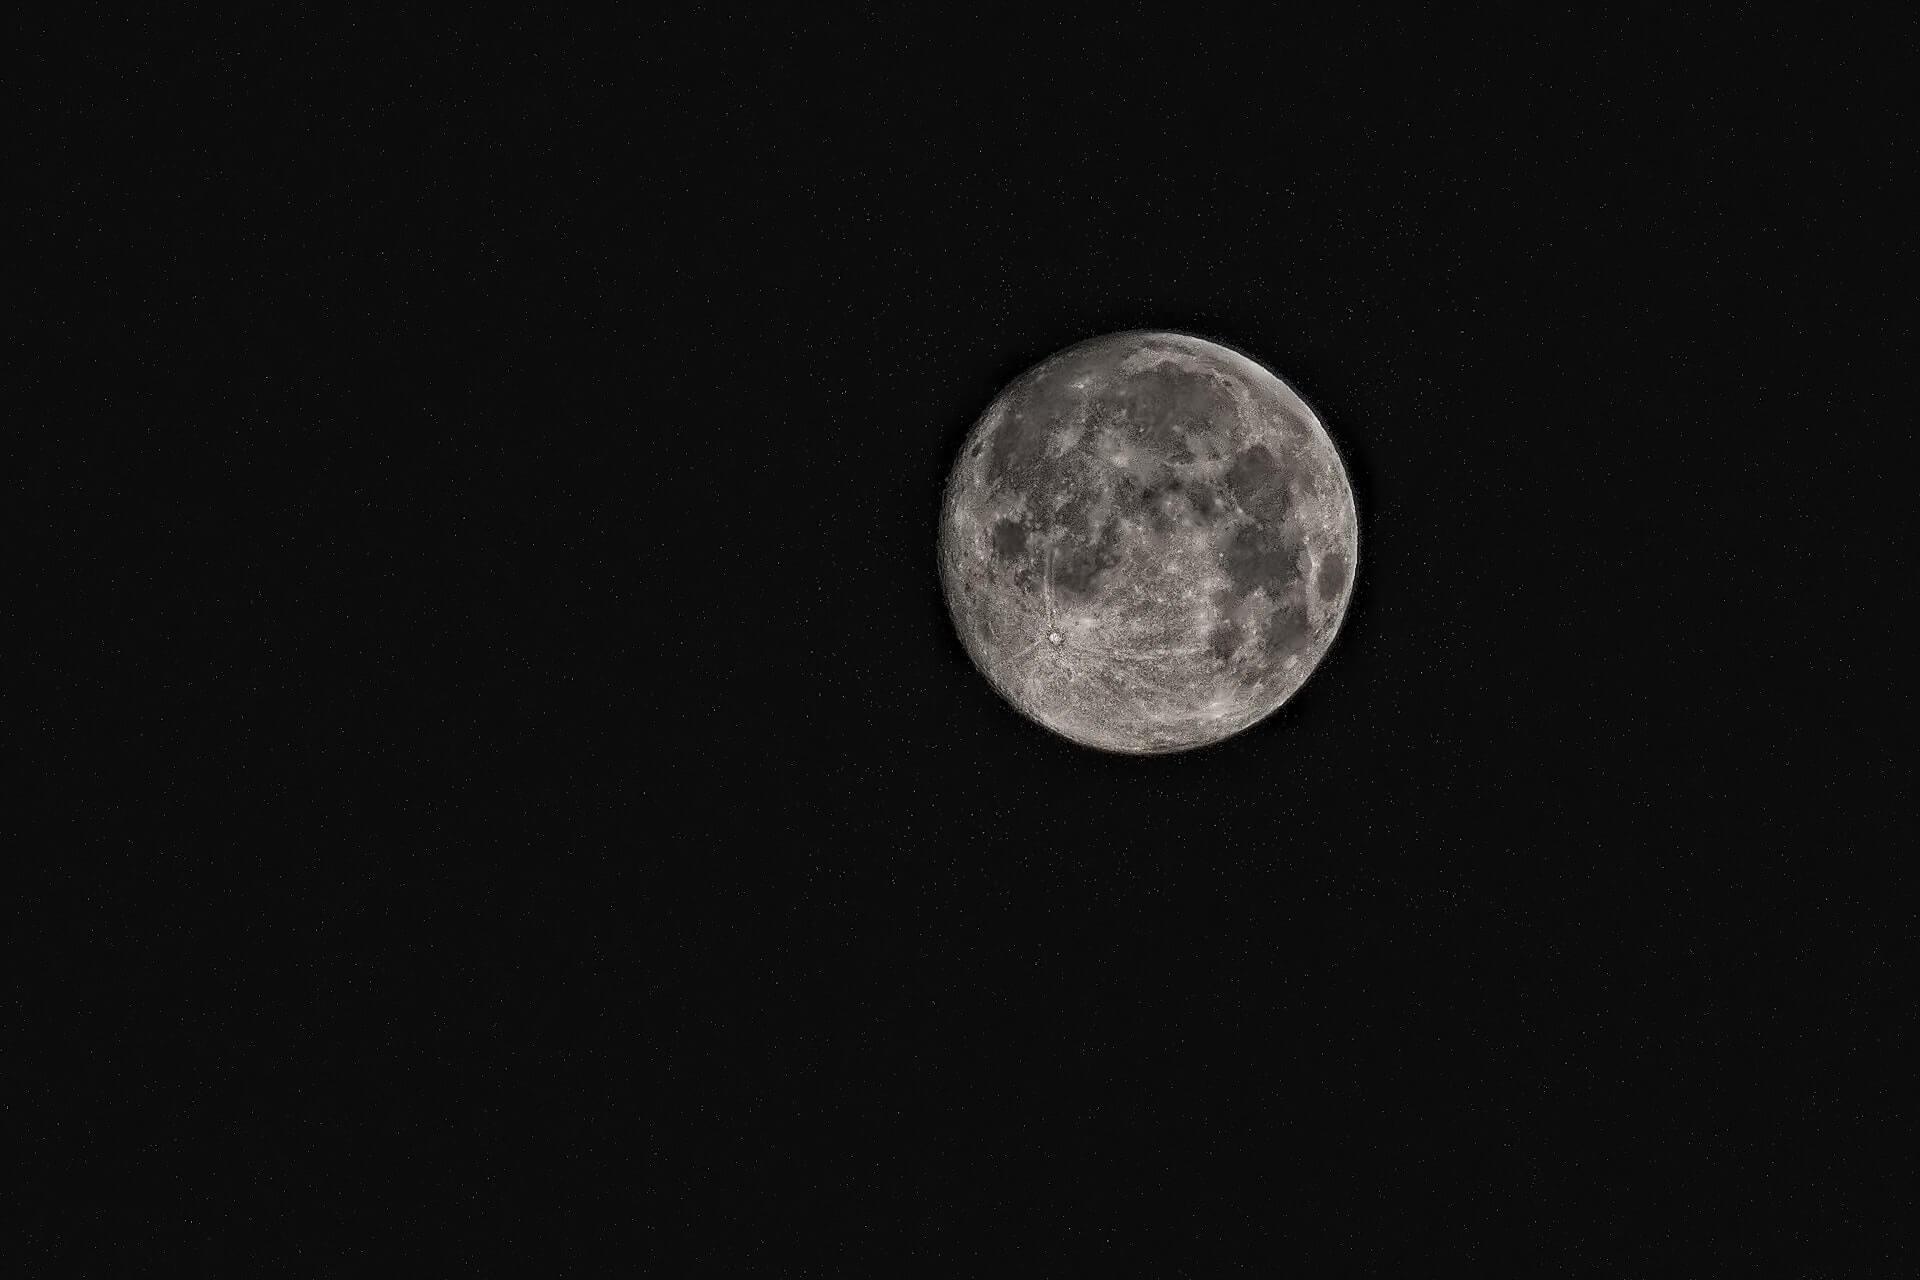 """圖片來源:<a href=""""https://www.pexels.com/photo/black-and-white-hd-wallpaper-luna-moon-52971/"""">PEXELS</a>"""